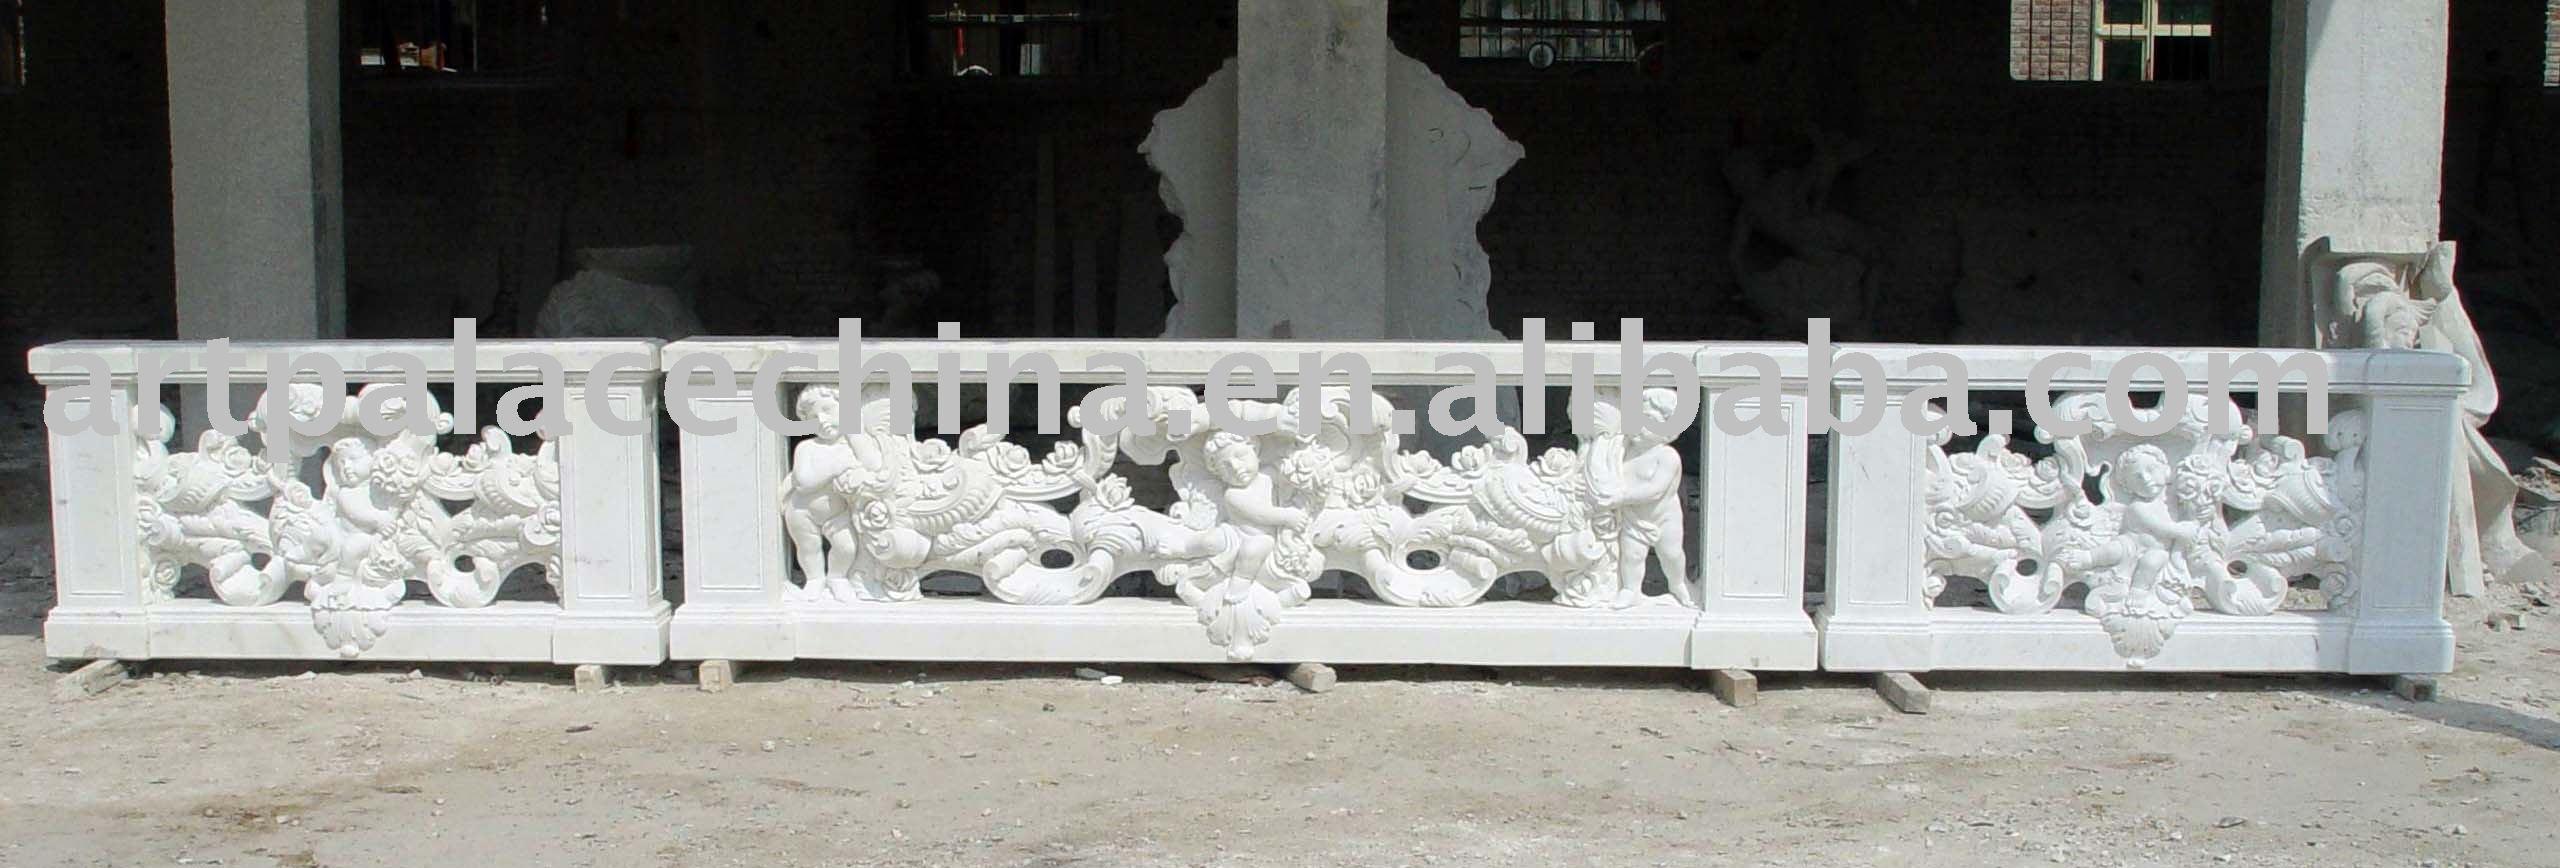 Tina De Baño Traduccion:Piedra balaustrada, Balaustradas de mármol-Barandas y Pasamanos